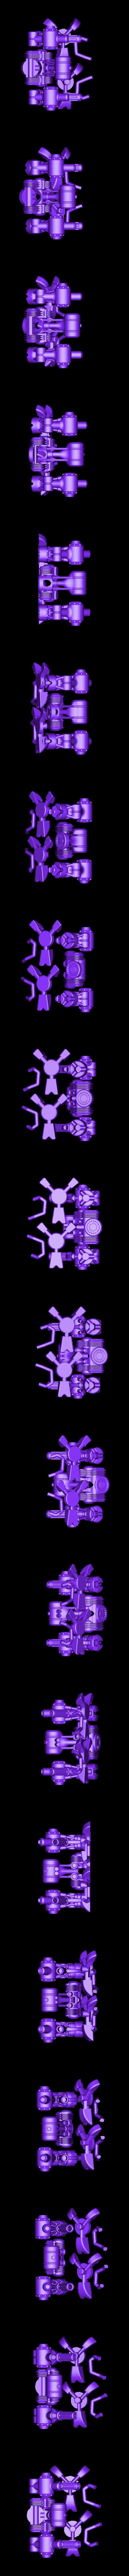 full-color2.stl Download free STL file Pod Walker • 3D printing object, ferjerez3d